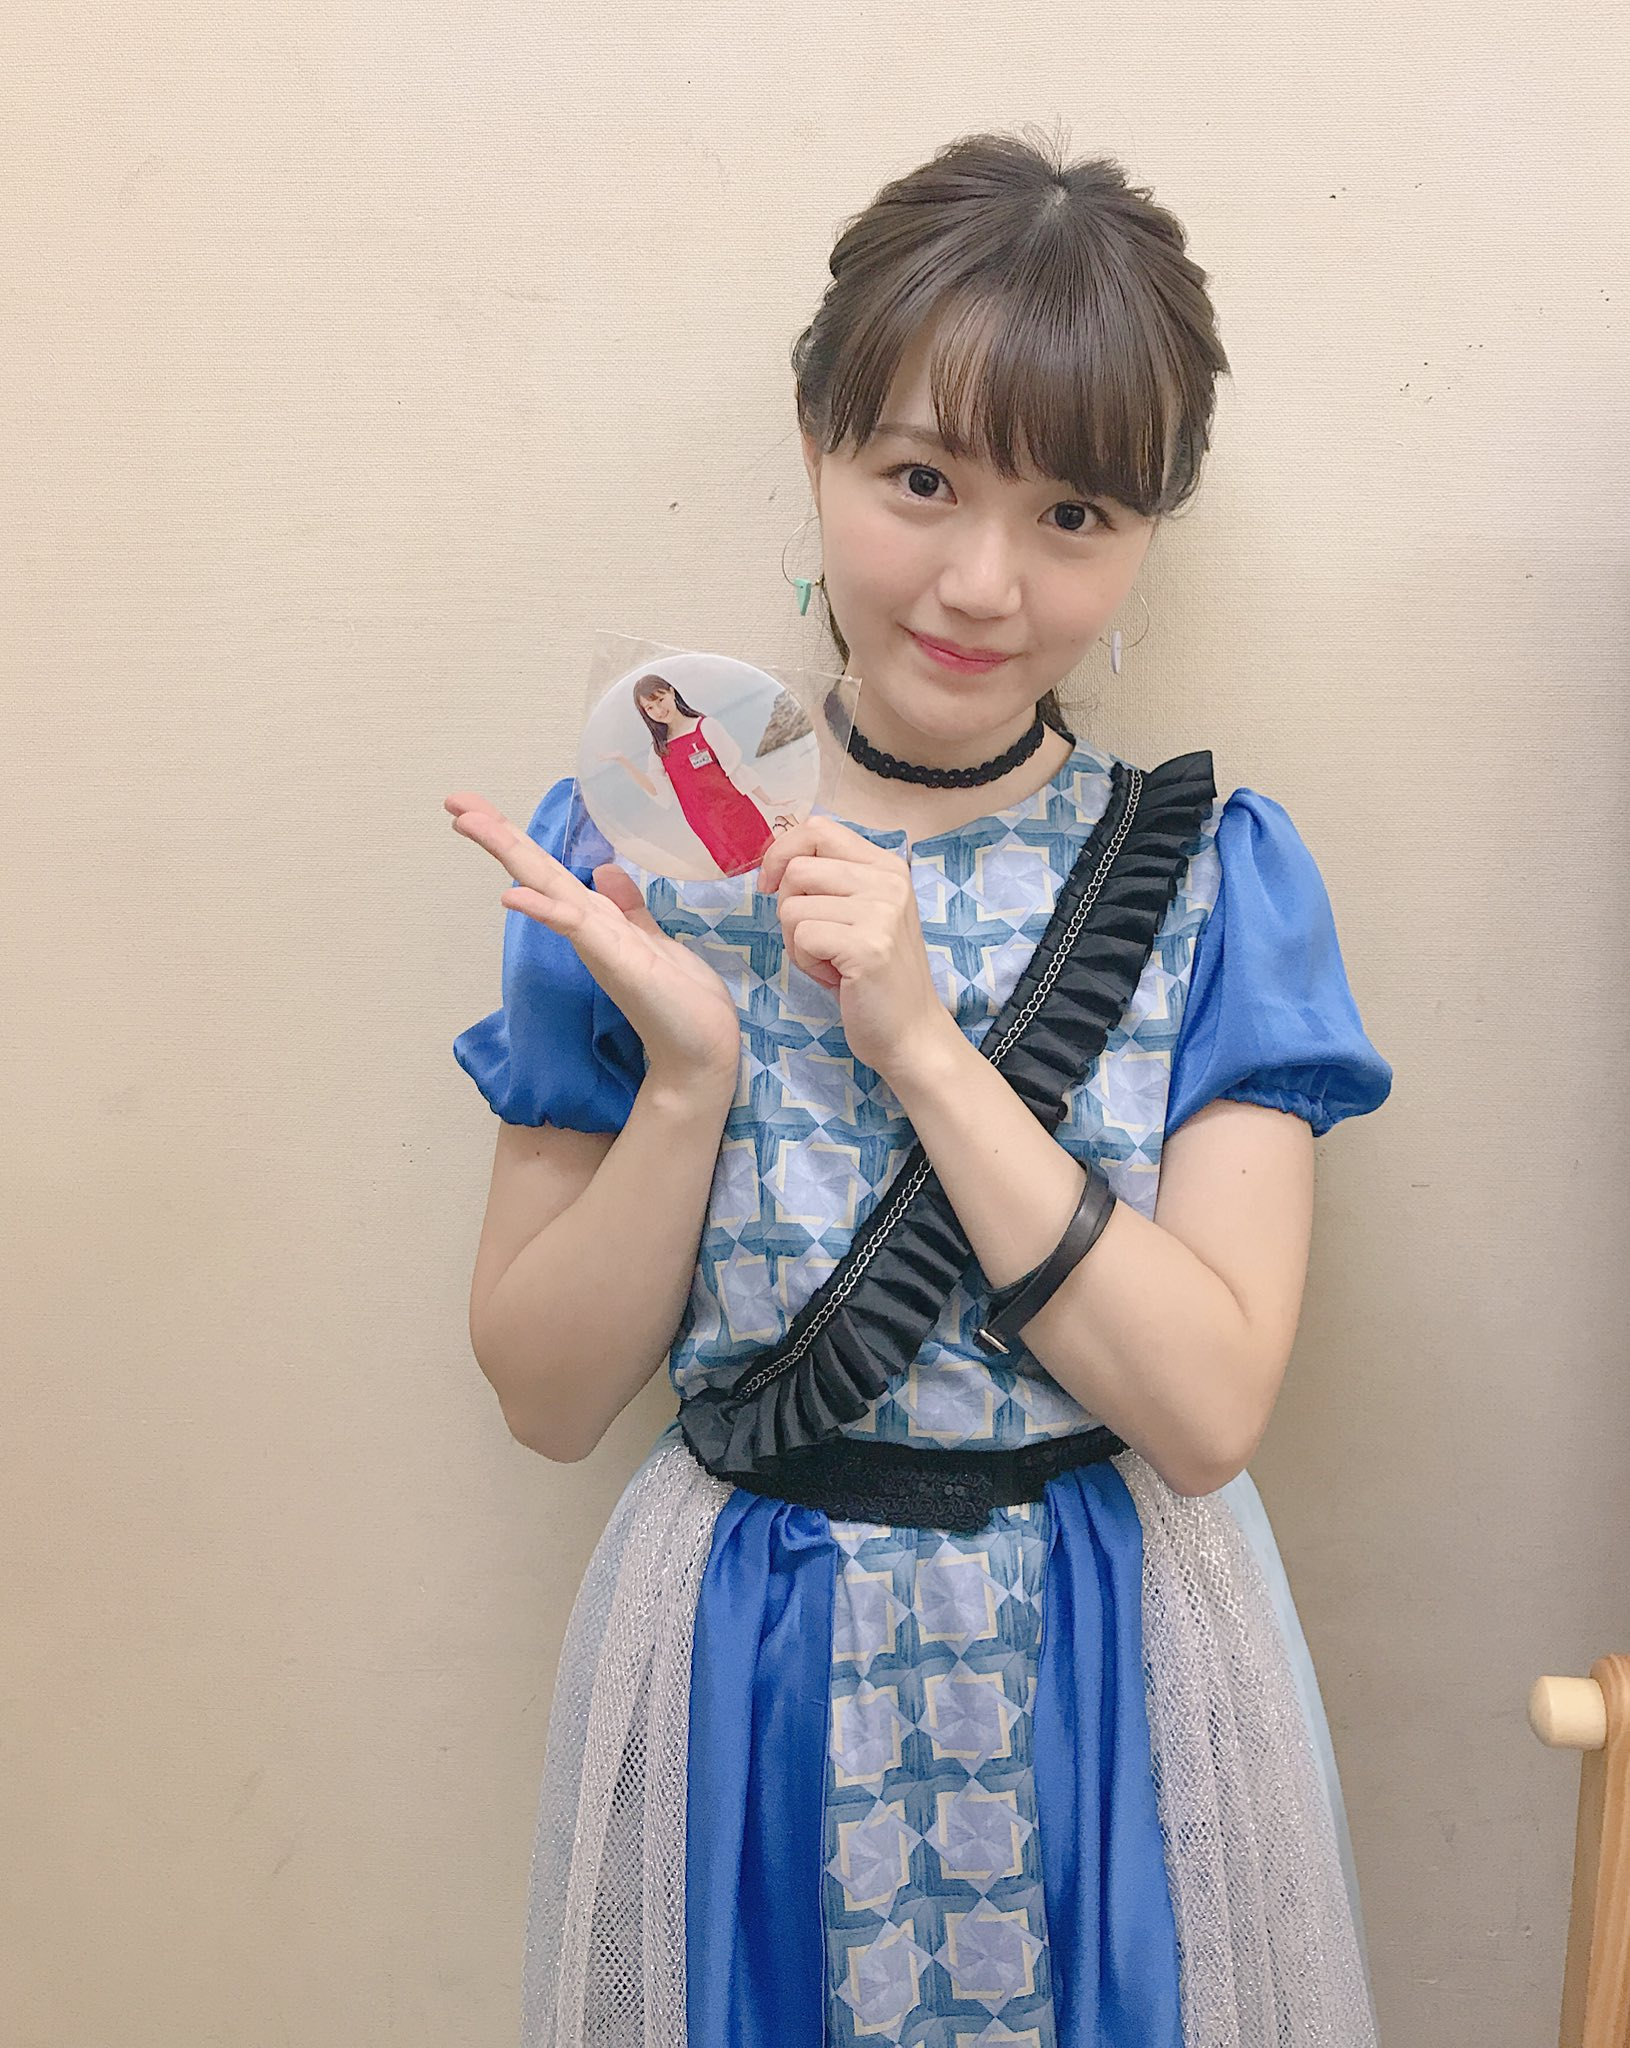 オリジナル特大缶バッチと尾崎由香さん